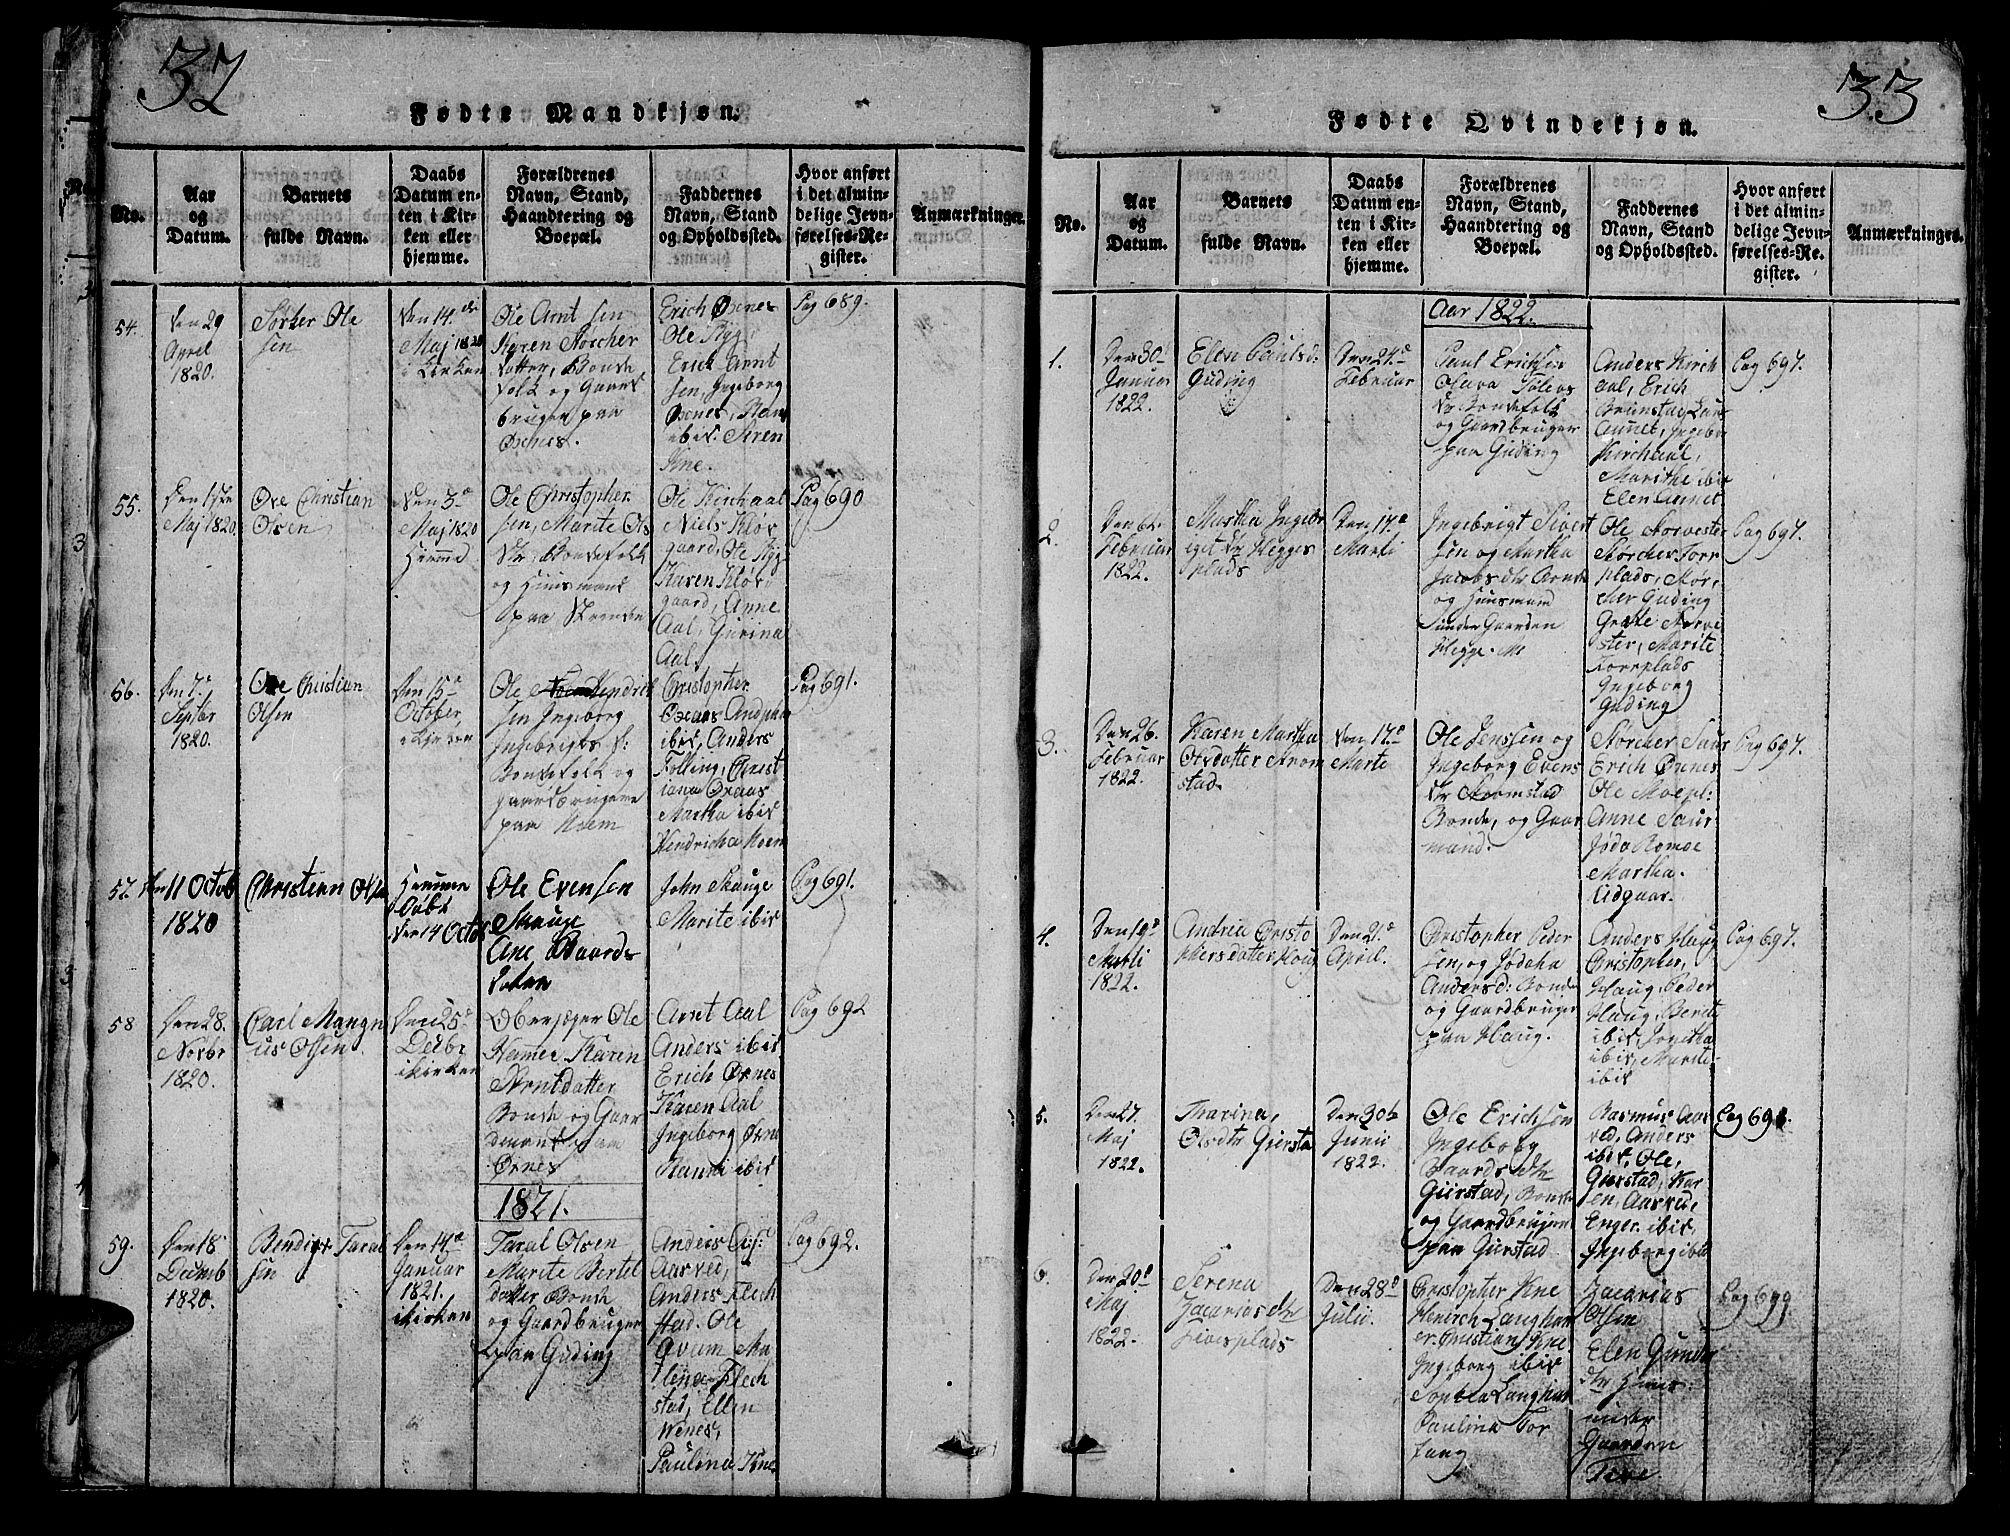 SAT, Ministerialprotokoller, klokkerbøker og fødselsregistre - Nord-Trøndelag, 747/L0459: Klokkerbok nr. 747C01, 1816-1842, s. 32-33